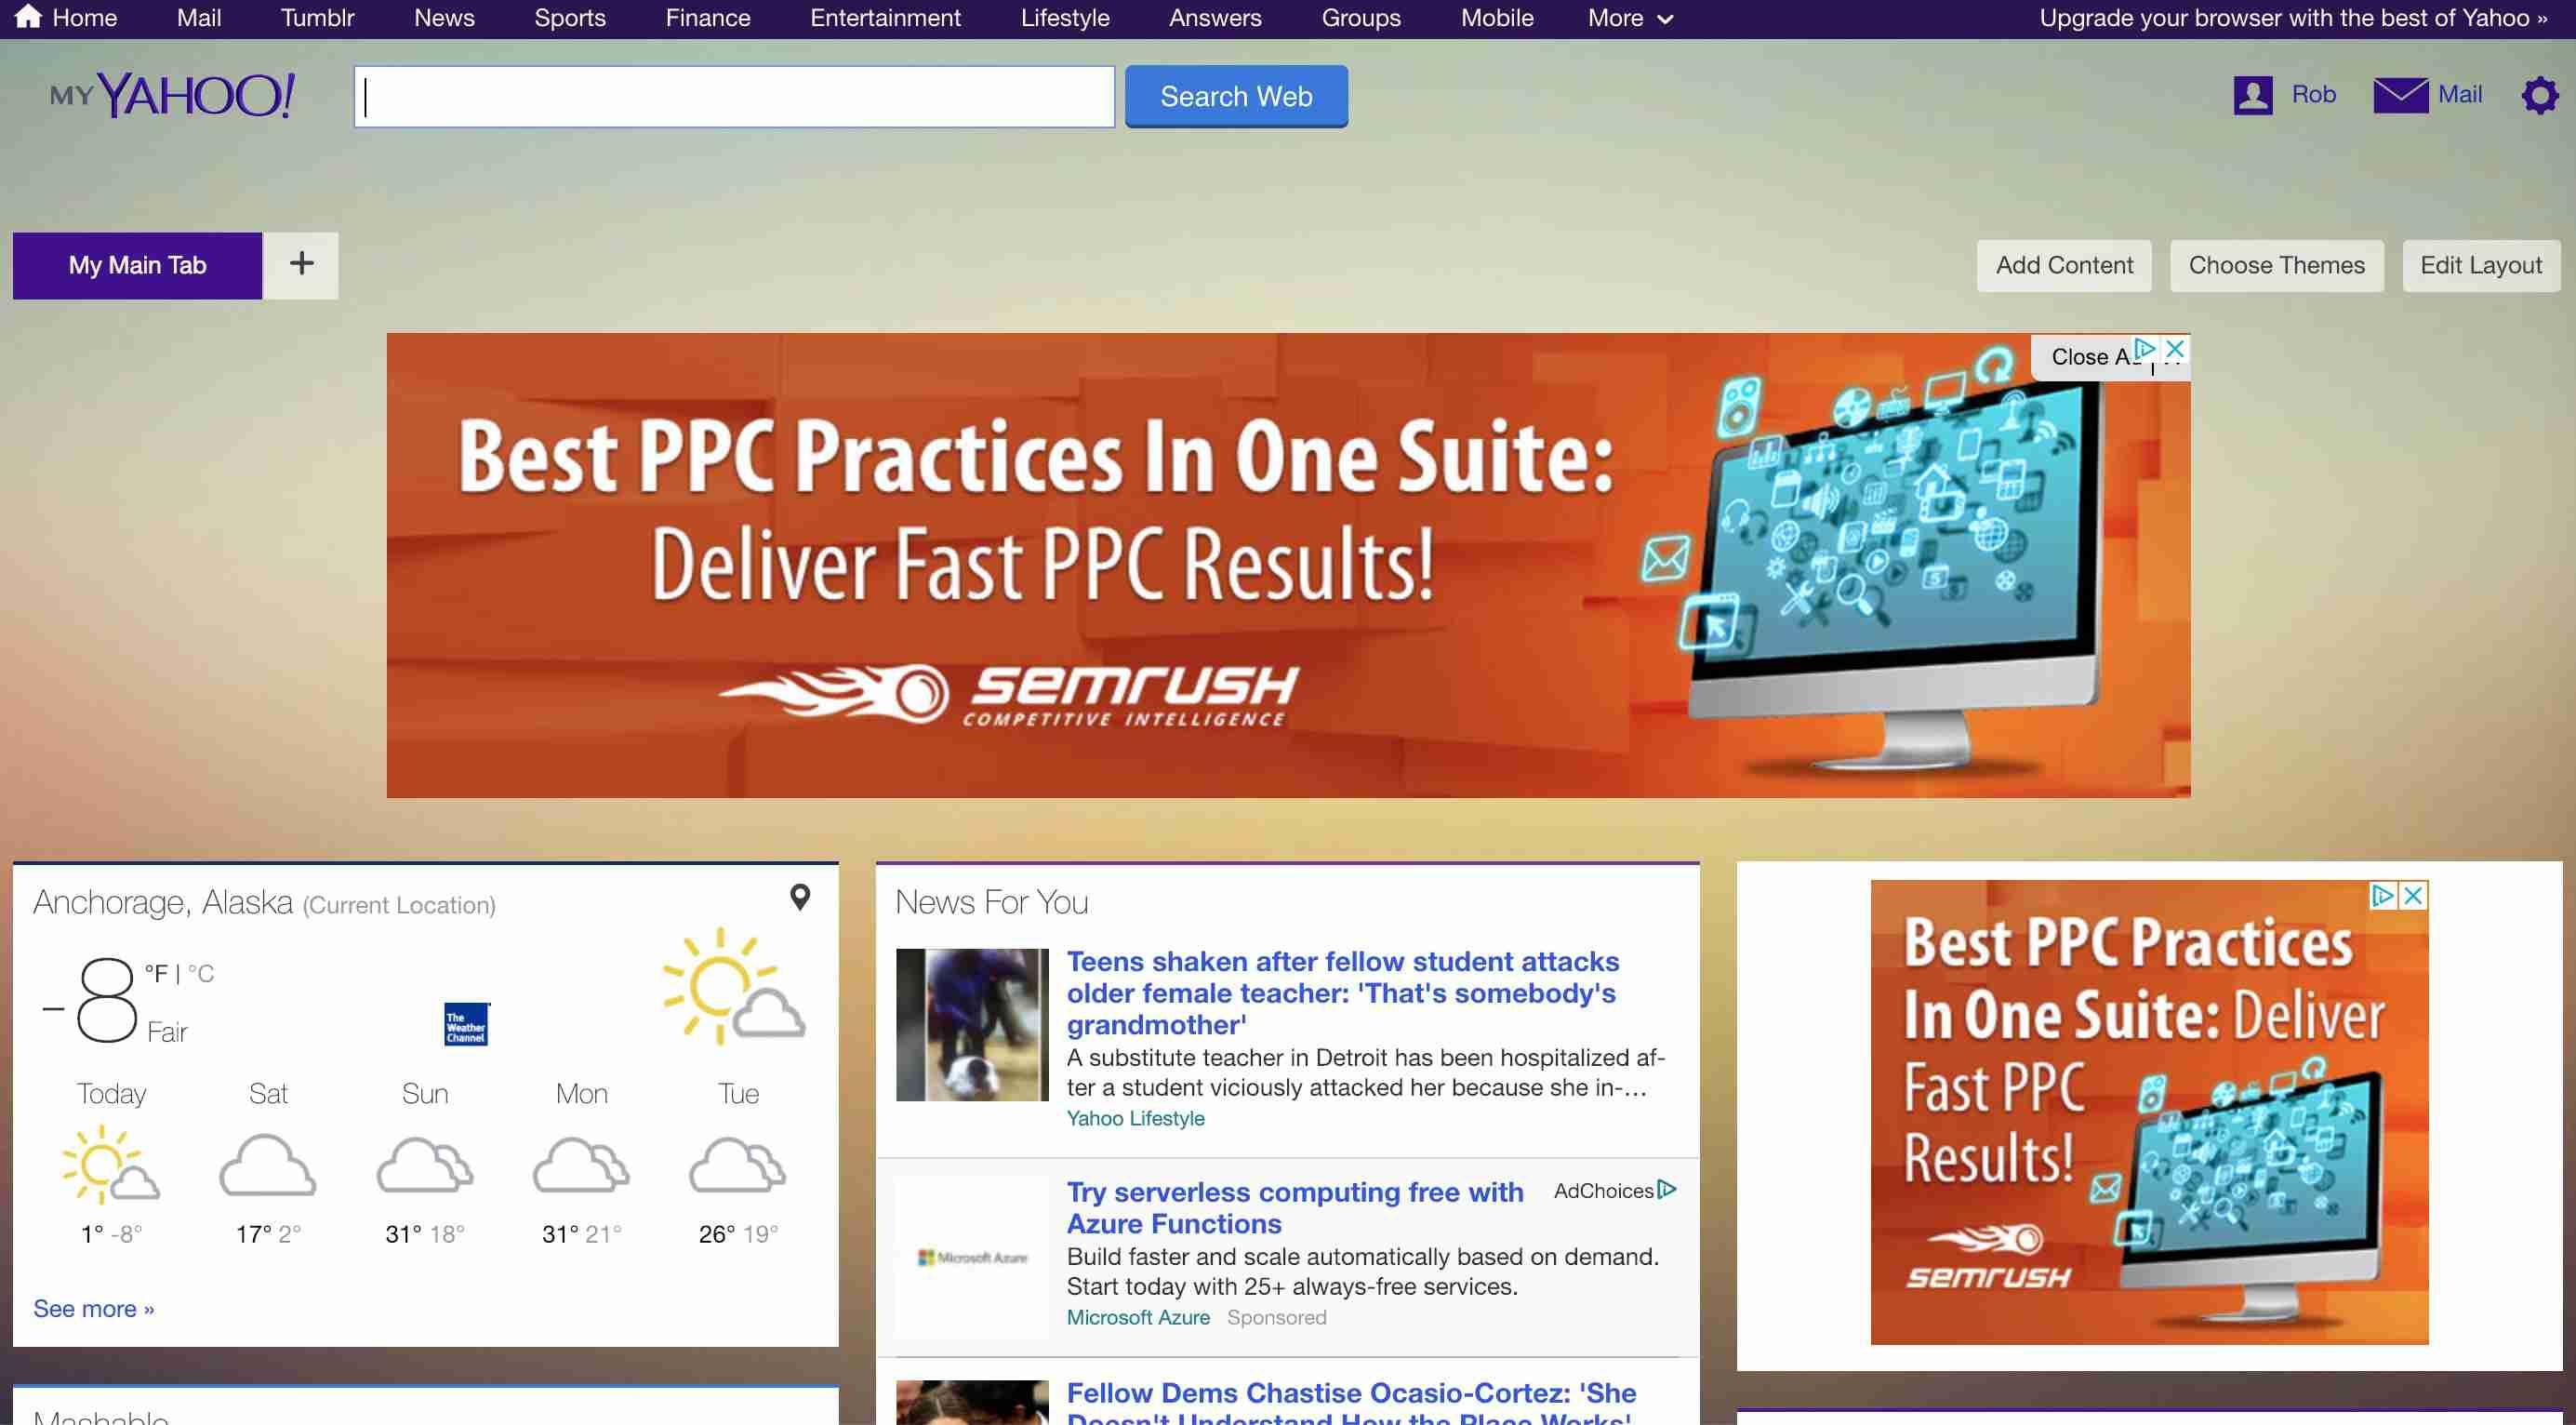 My Yahoo page